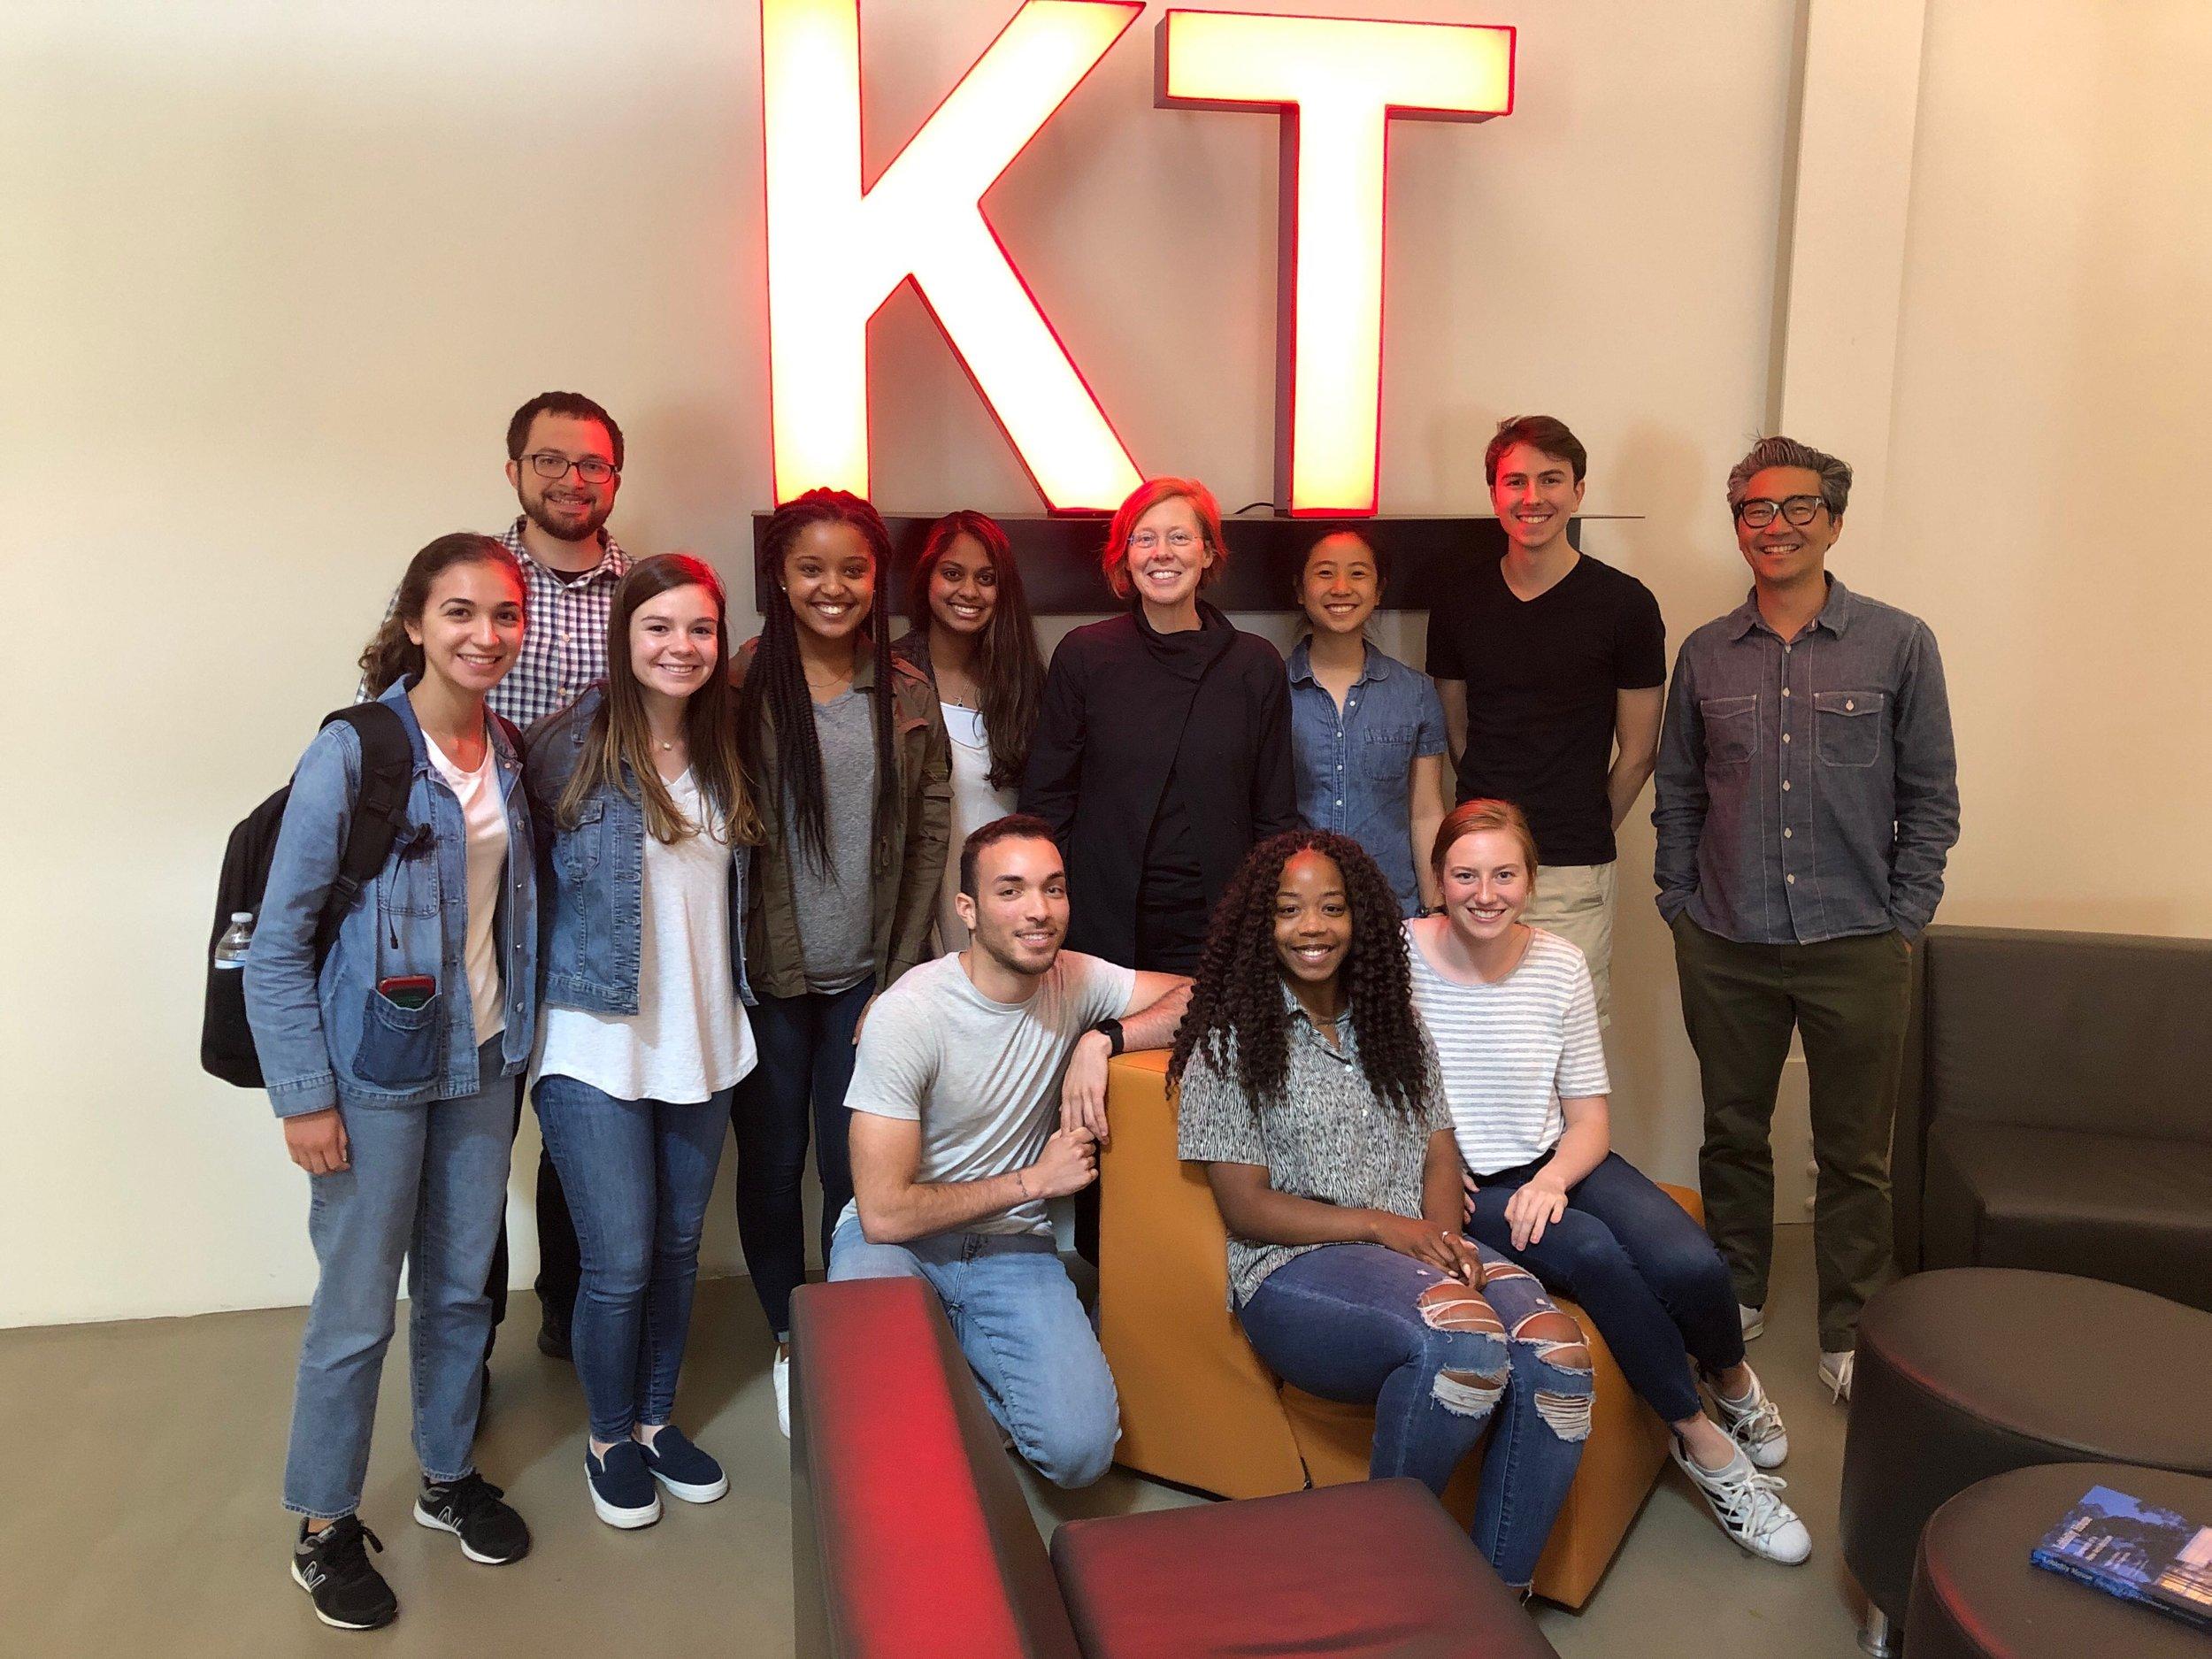 Meeting at KT -